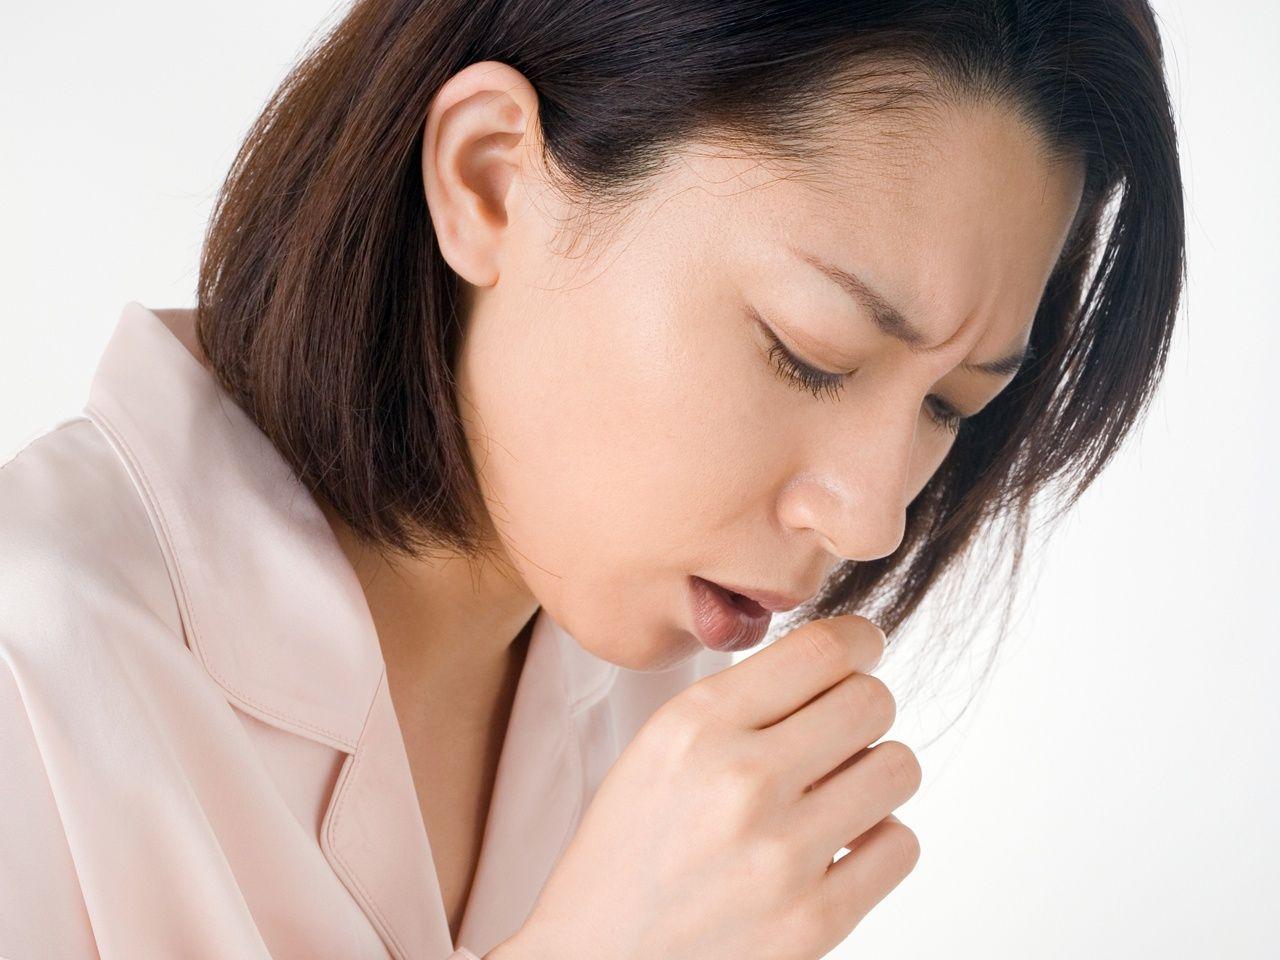 Bệnh nhân ung thư tuyến ức thường có triệu chứng ho, khó thở